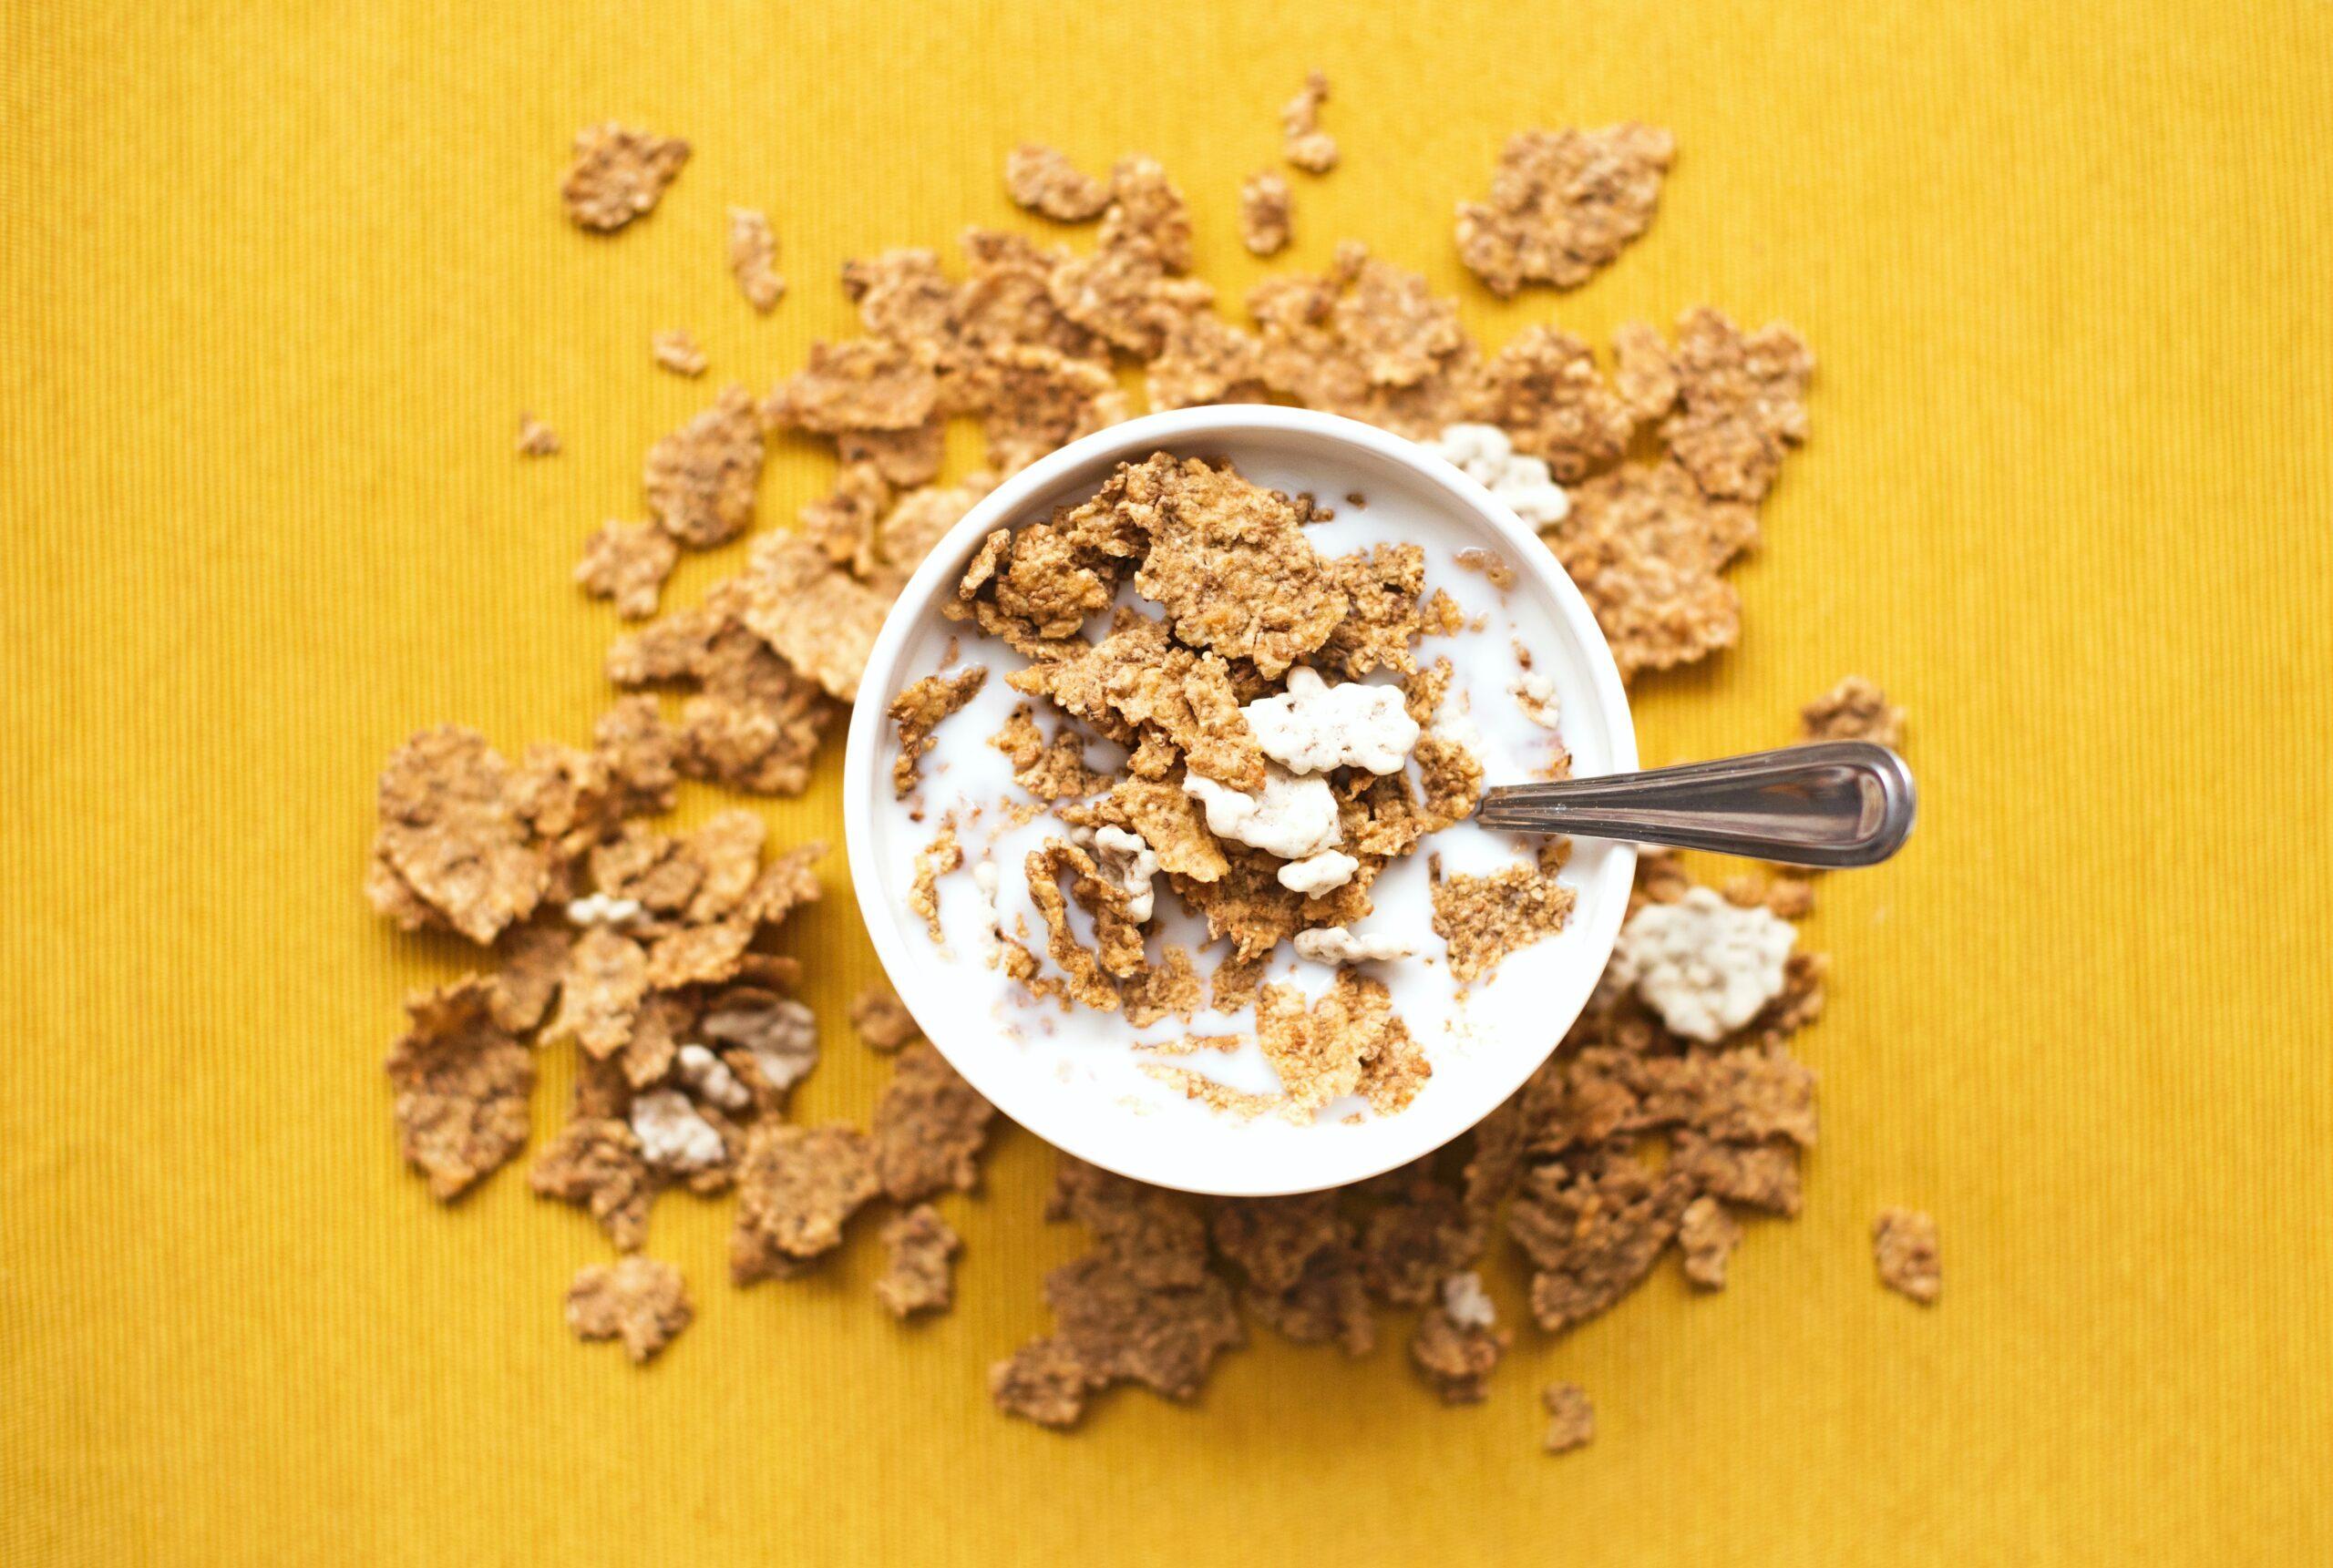 Überspringe das Frühstück, da Fasten Insulinsensitivität wiederherstellen kann